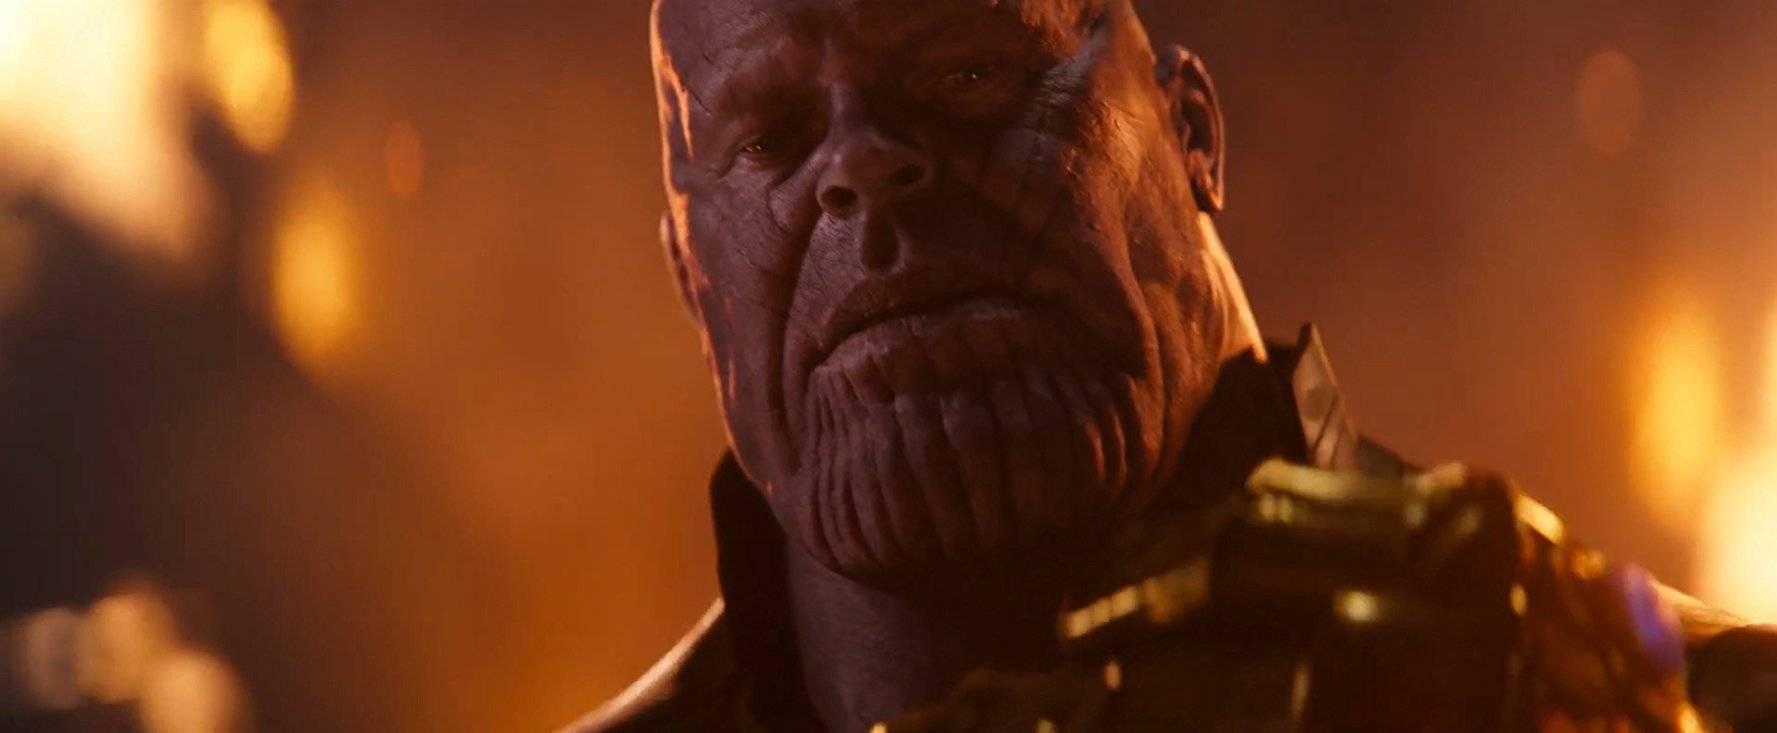 «Мстители: Война бесконечности»: сюжетные спойлеры или фейк? 2